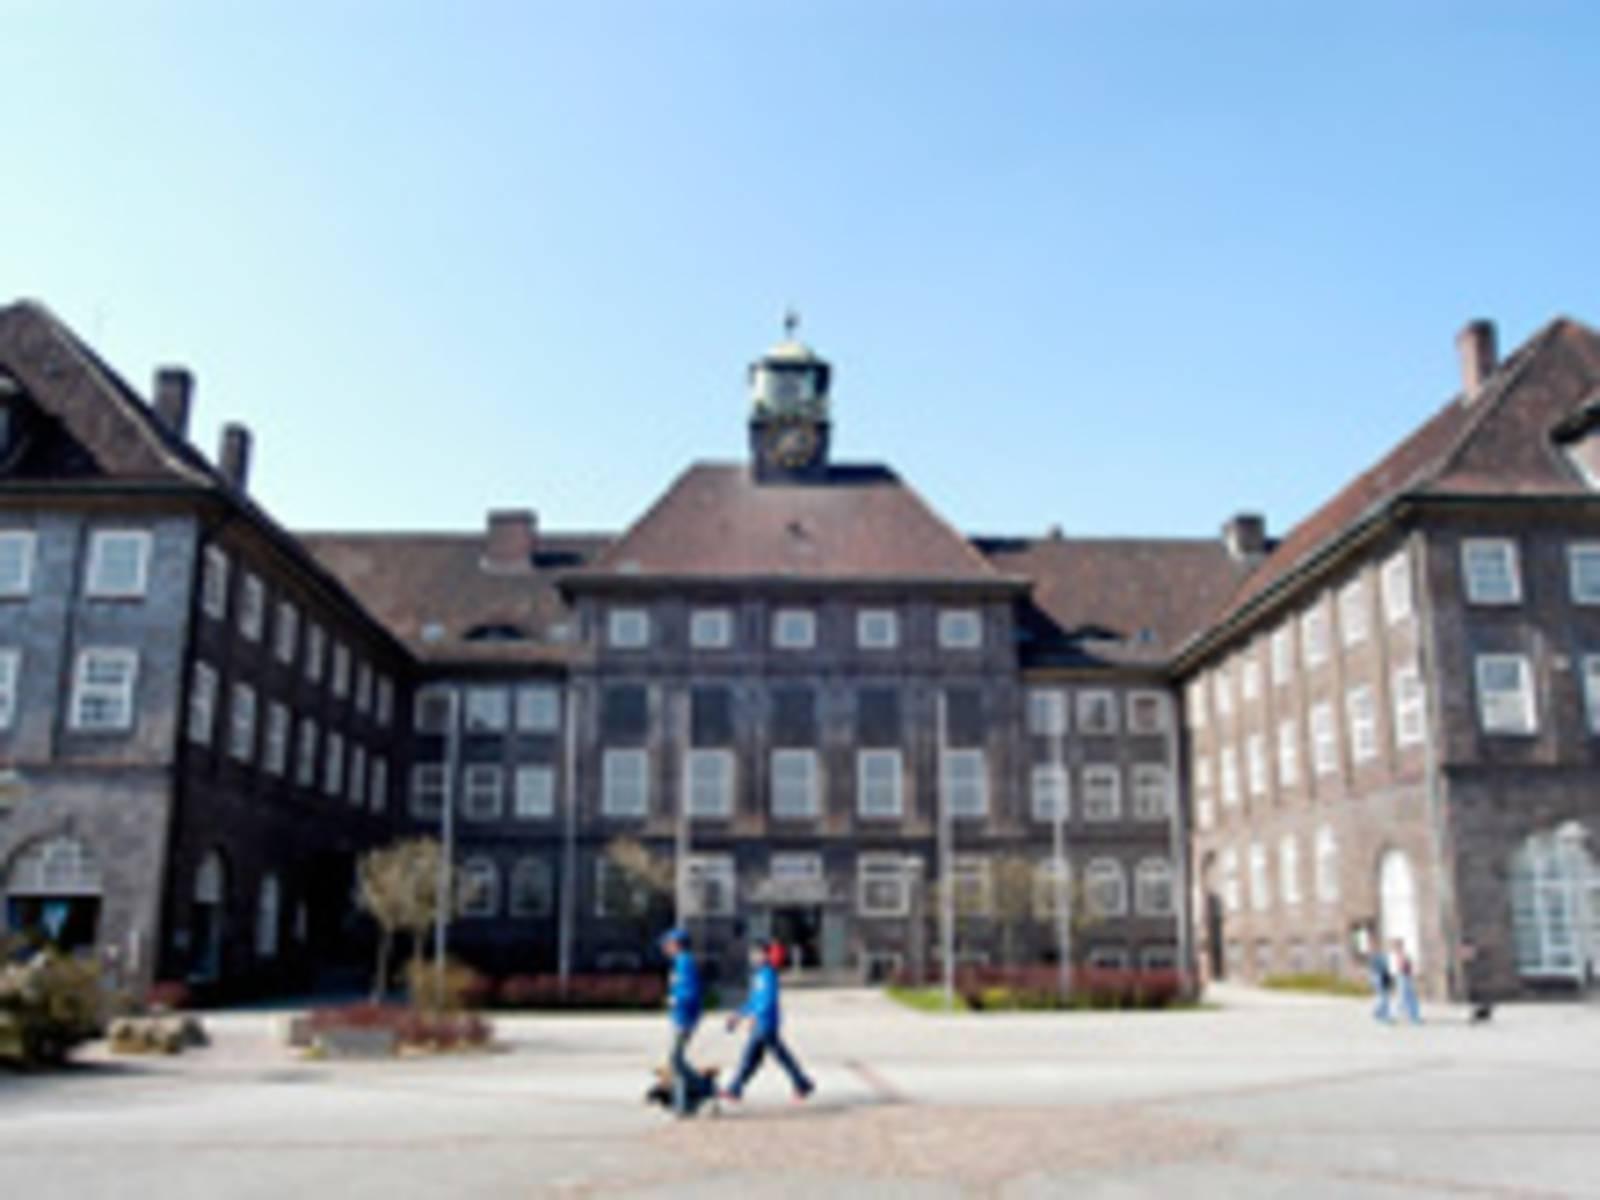 Gebäude in U-Form mit sechs Fahnenmasten davor, sowie zwei Rasenflächen mit kleinen Hecken.